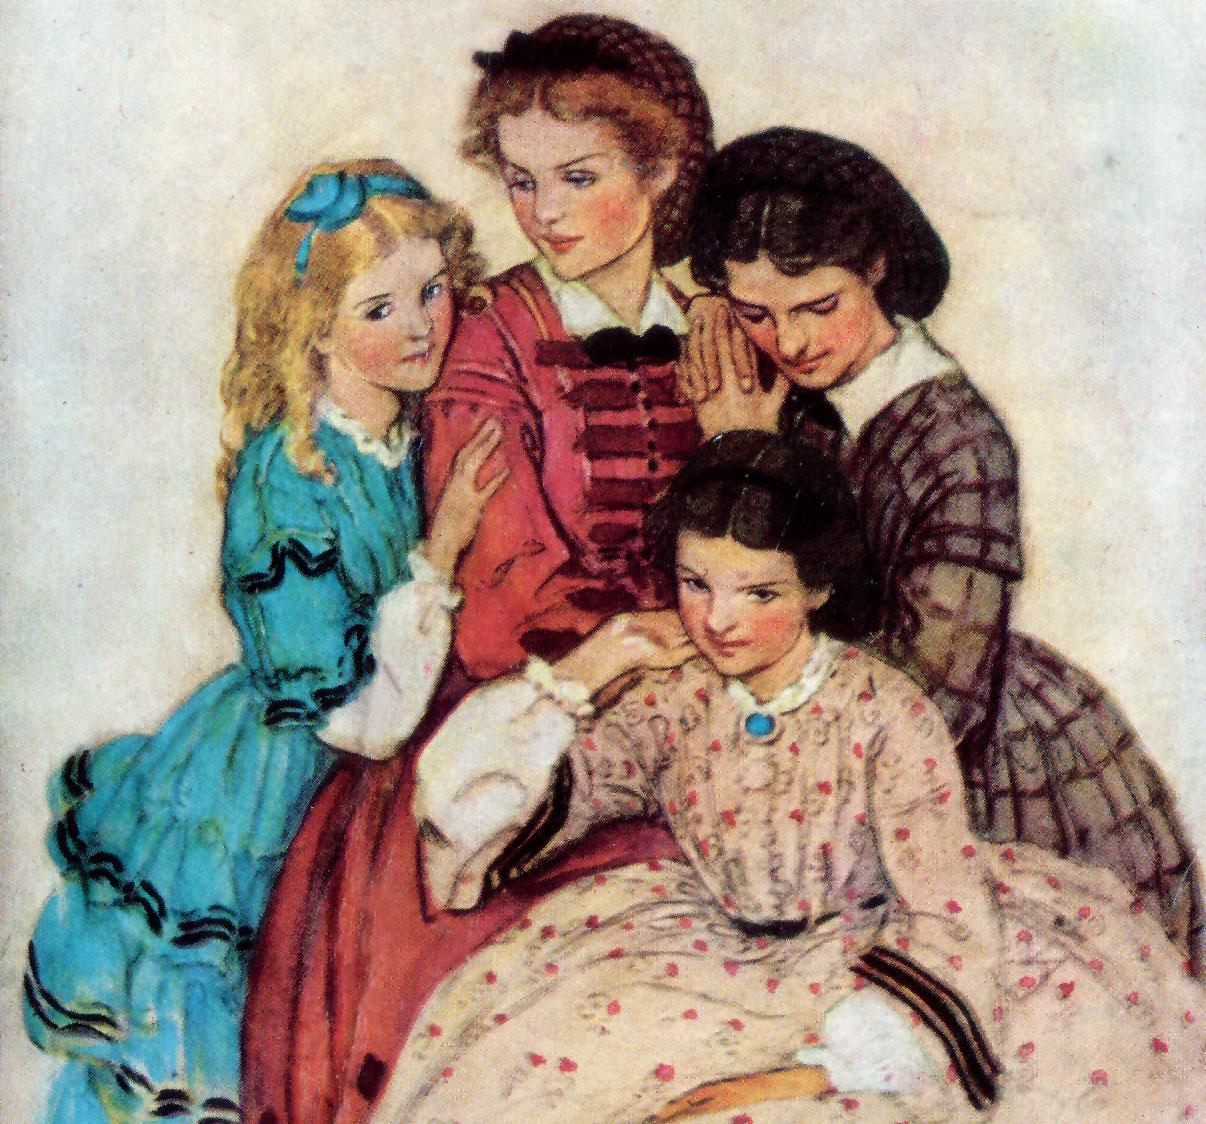 150 years of Little Women